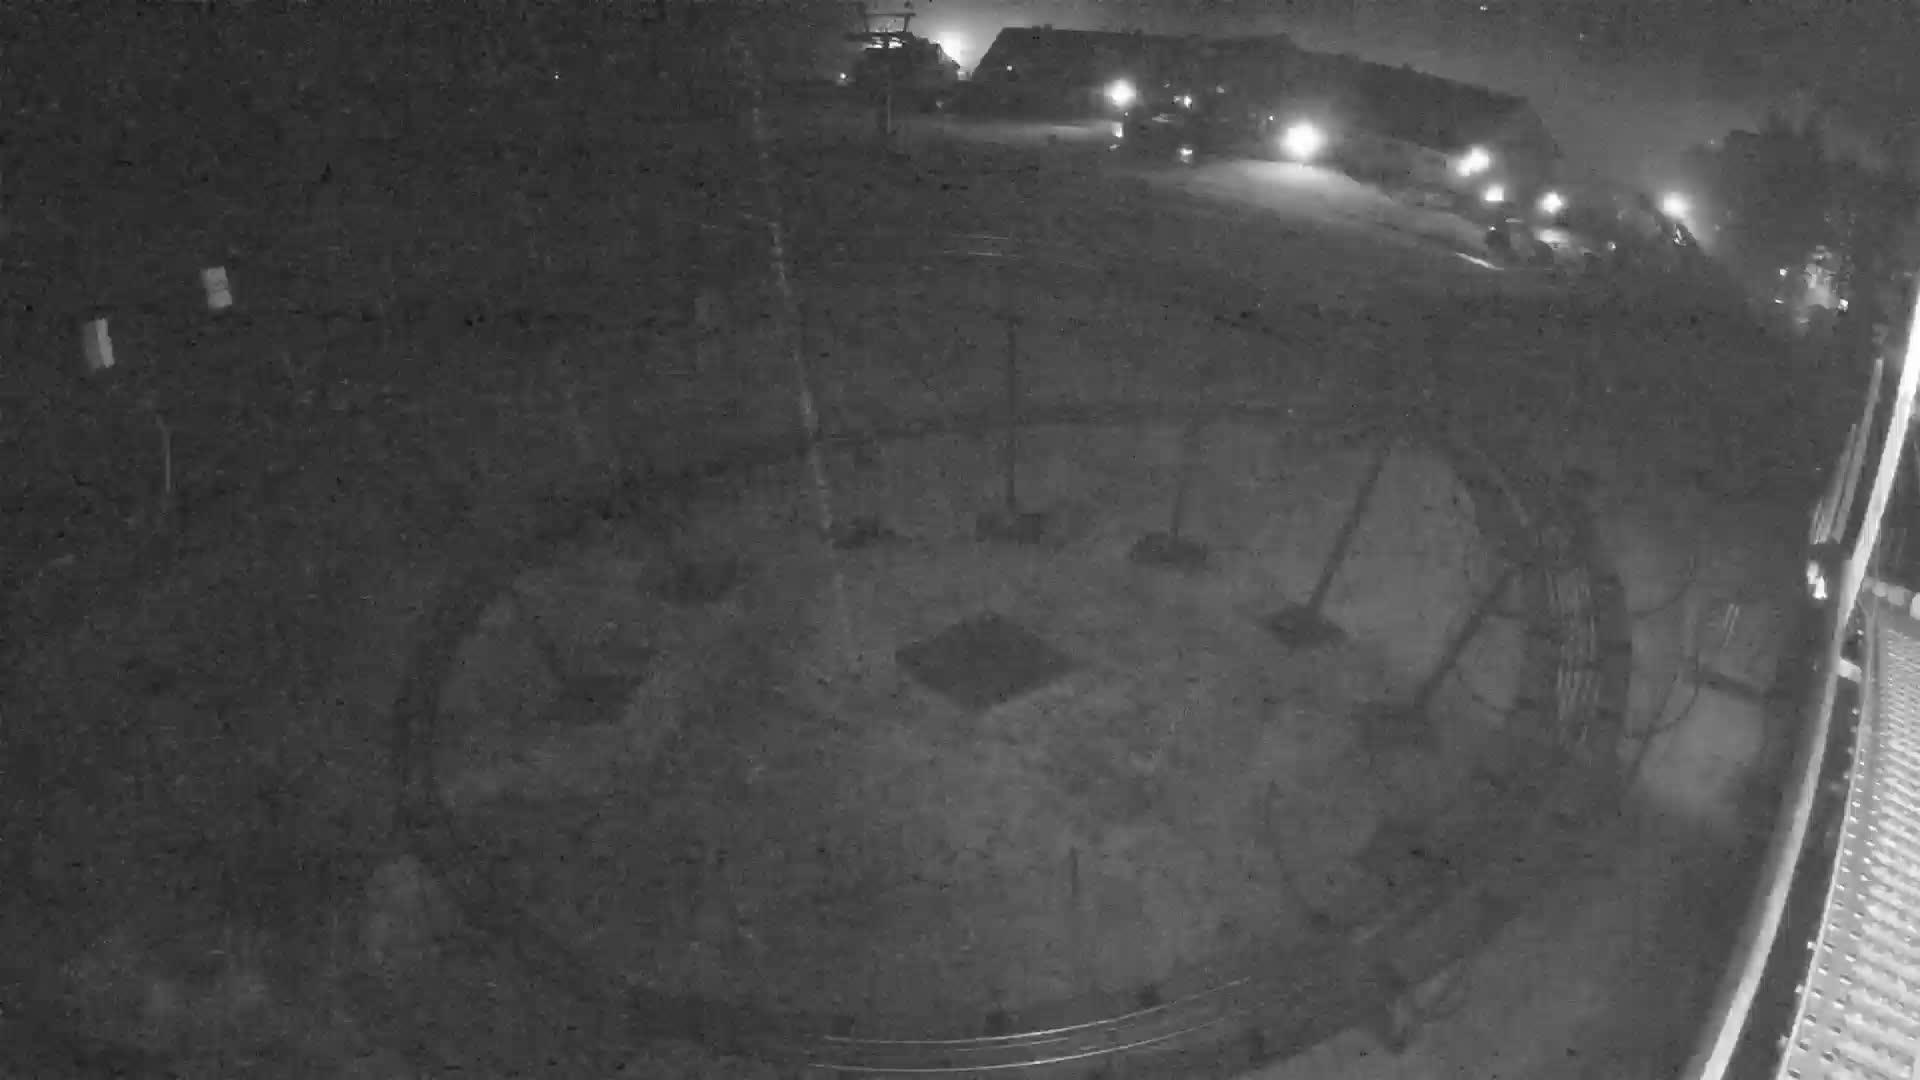 Webcam Ski Resort Swieradow Zdroj cam 3 - Jizera Mountains